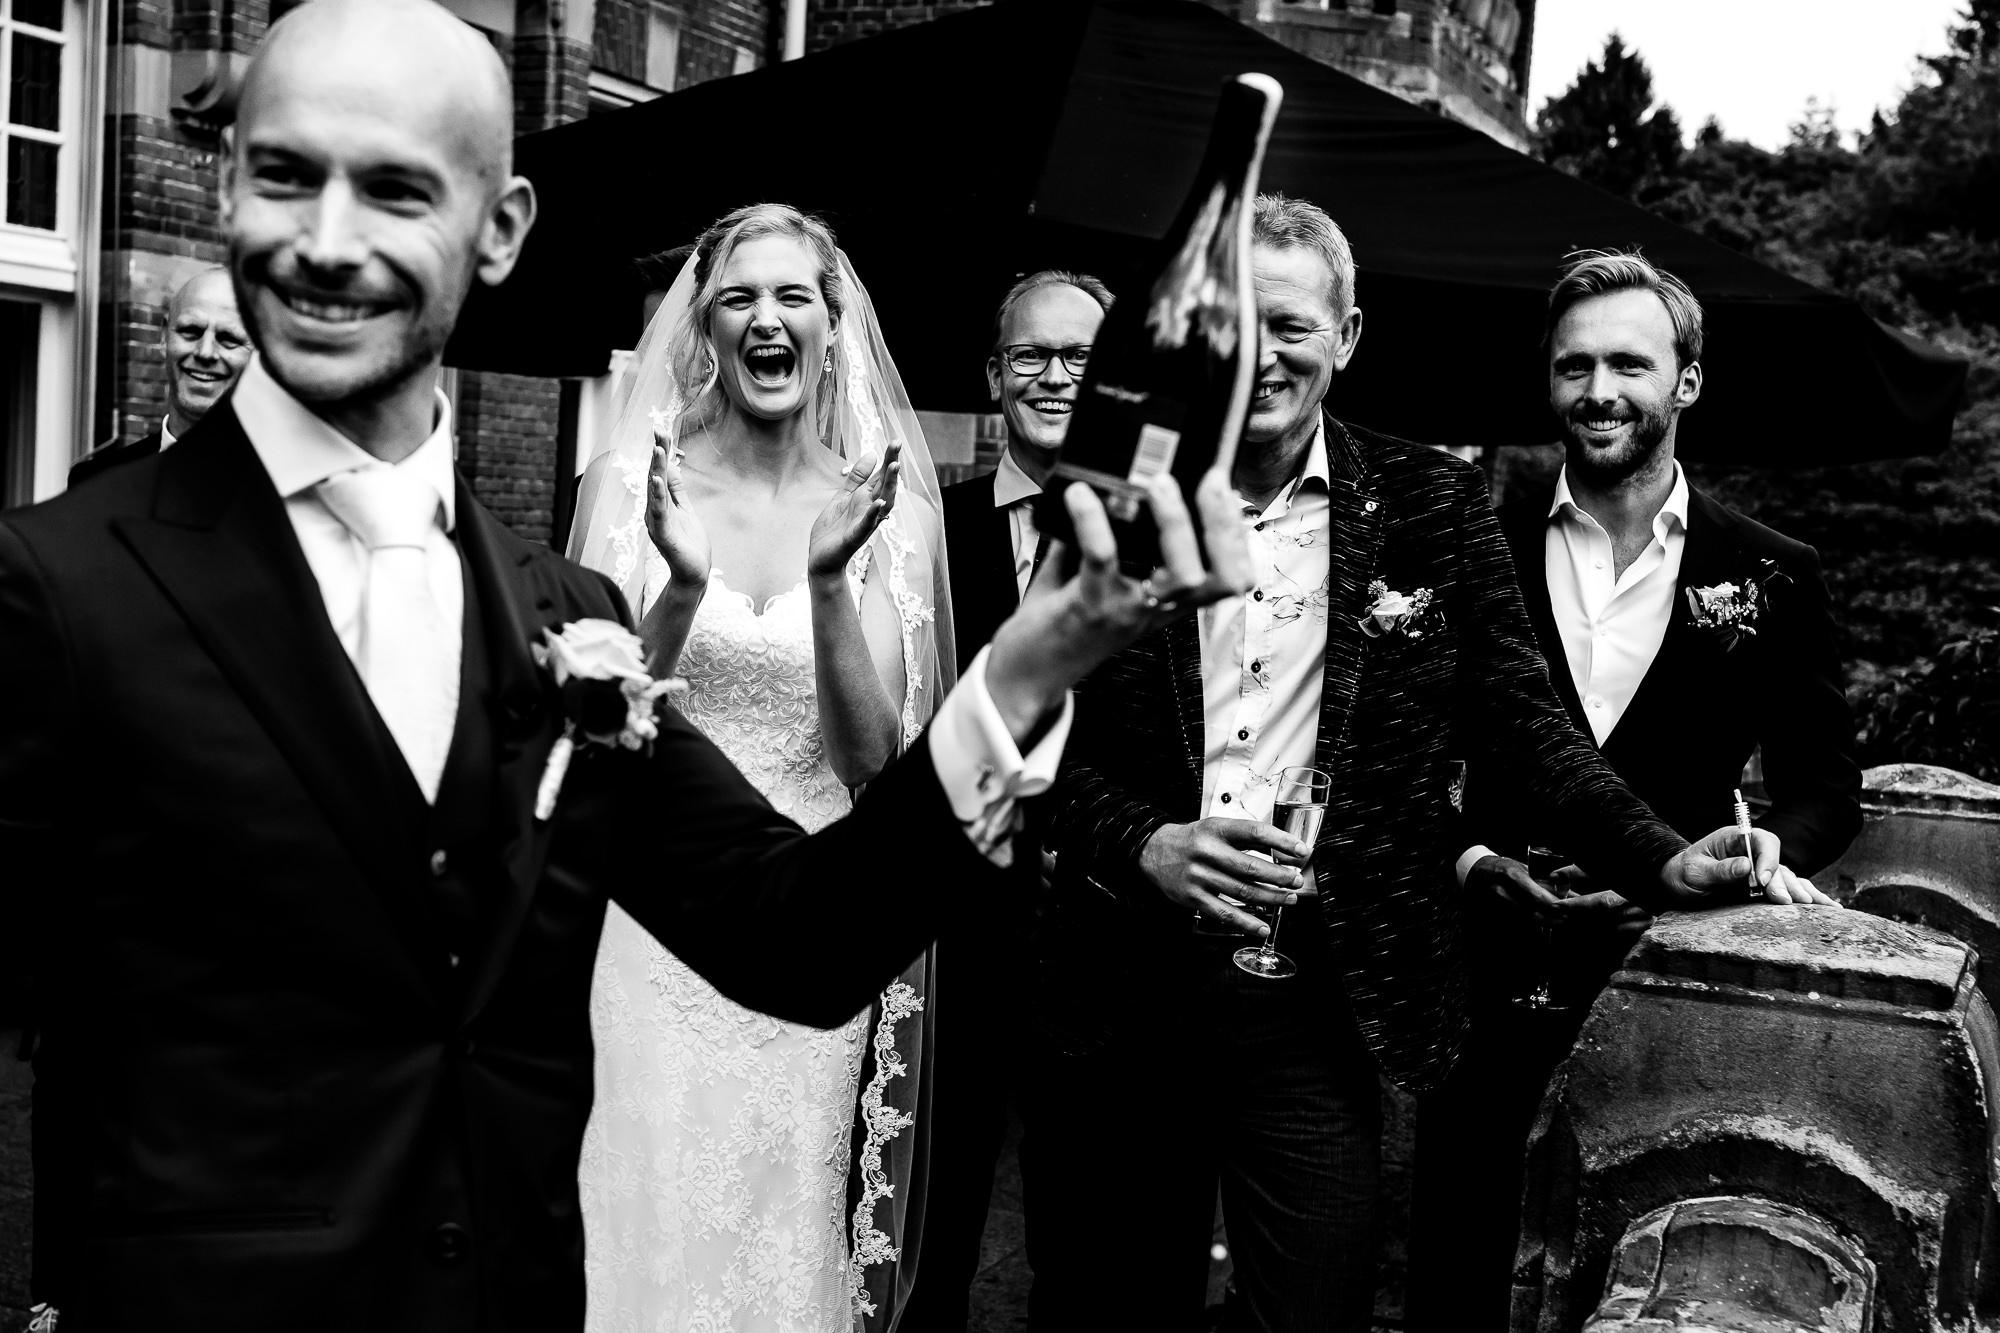 Zwart wit foto van bruidegom die de champagne heeft gesabreerd met de bruid op de achtergrond